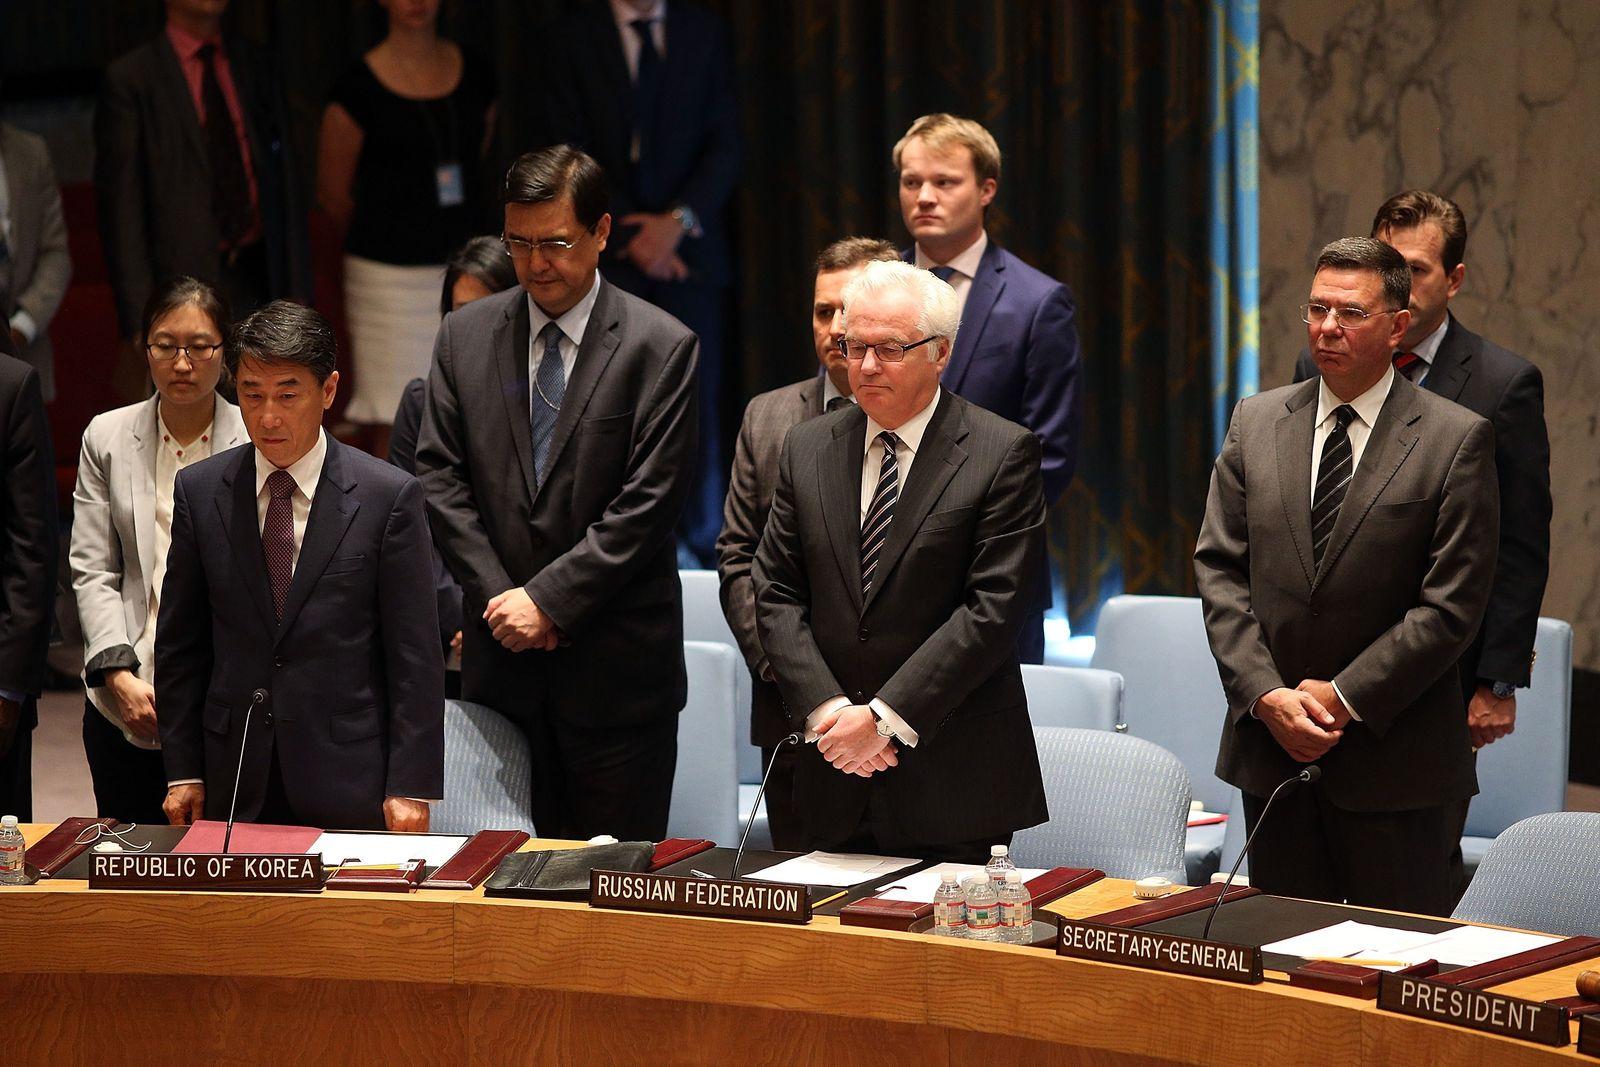 Uno Sicherheitsrat MH17